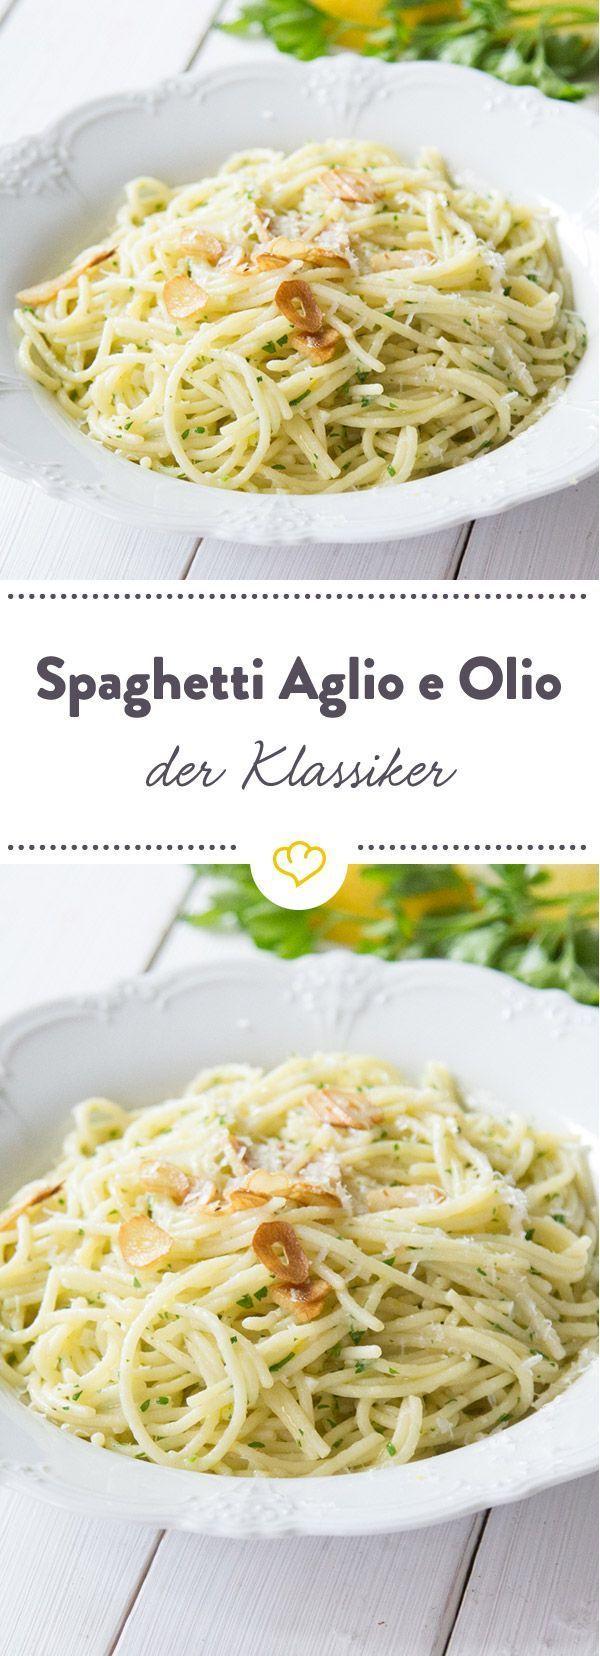 Photo of Spaghetti Aglio e Olio – So simpel und so lecker